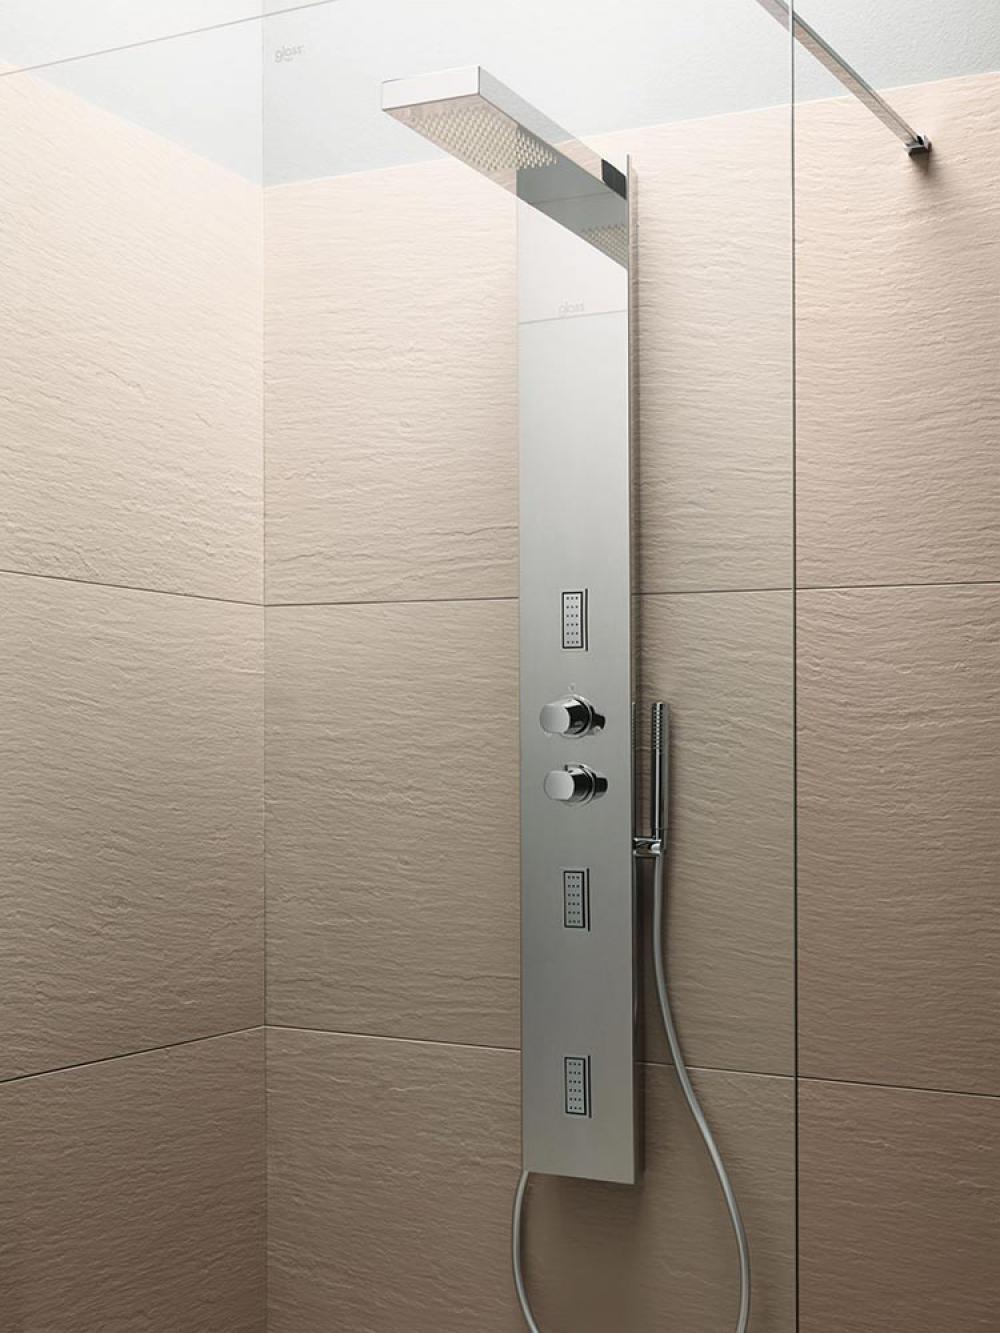 Razor wall pannelli di rivestimento murale in mineralite for Pannelli rivestimento doccia